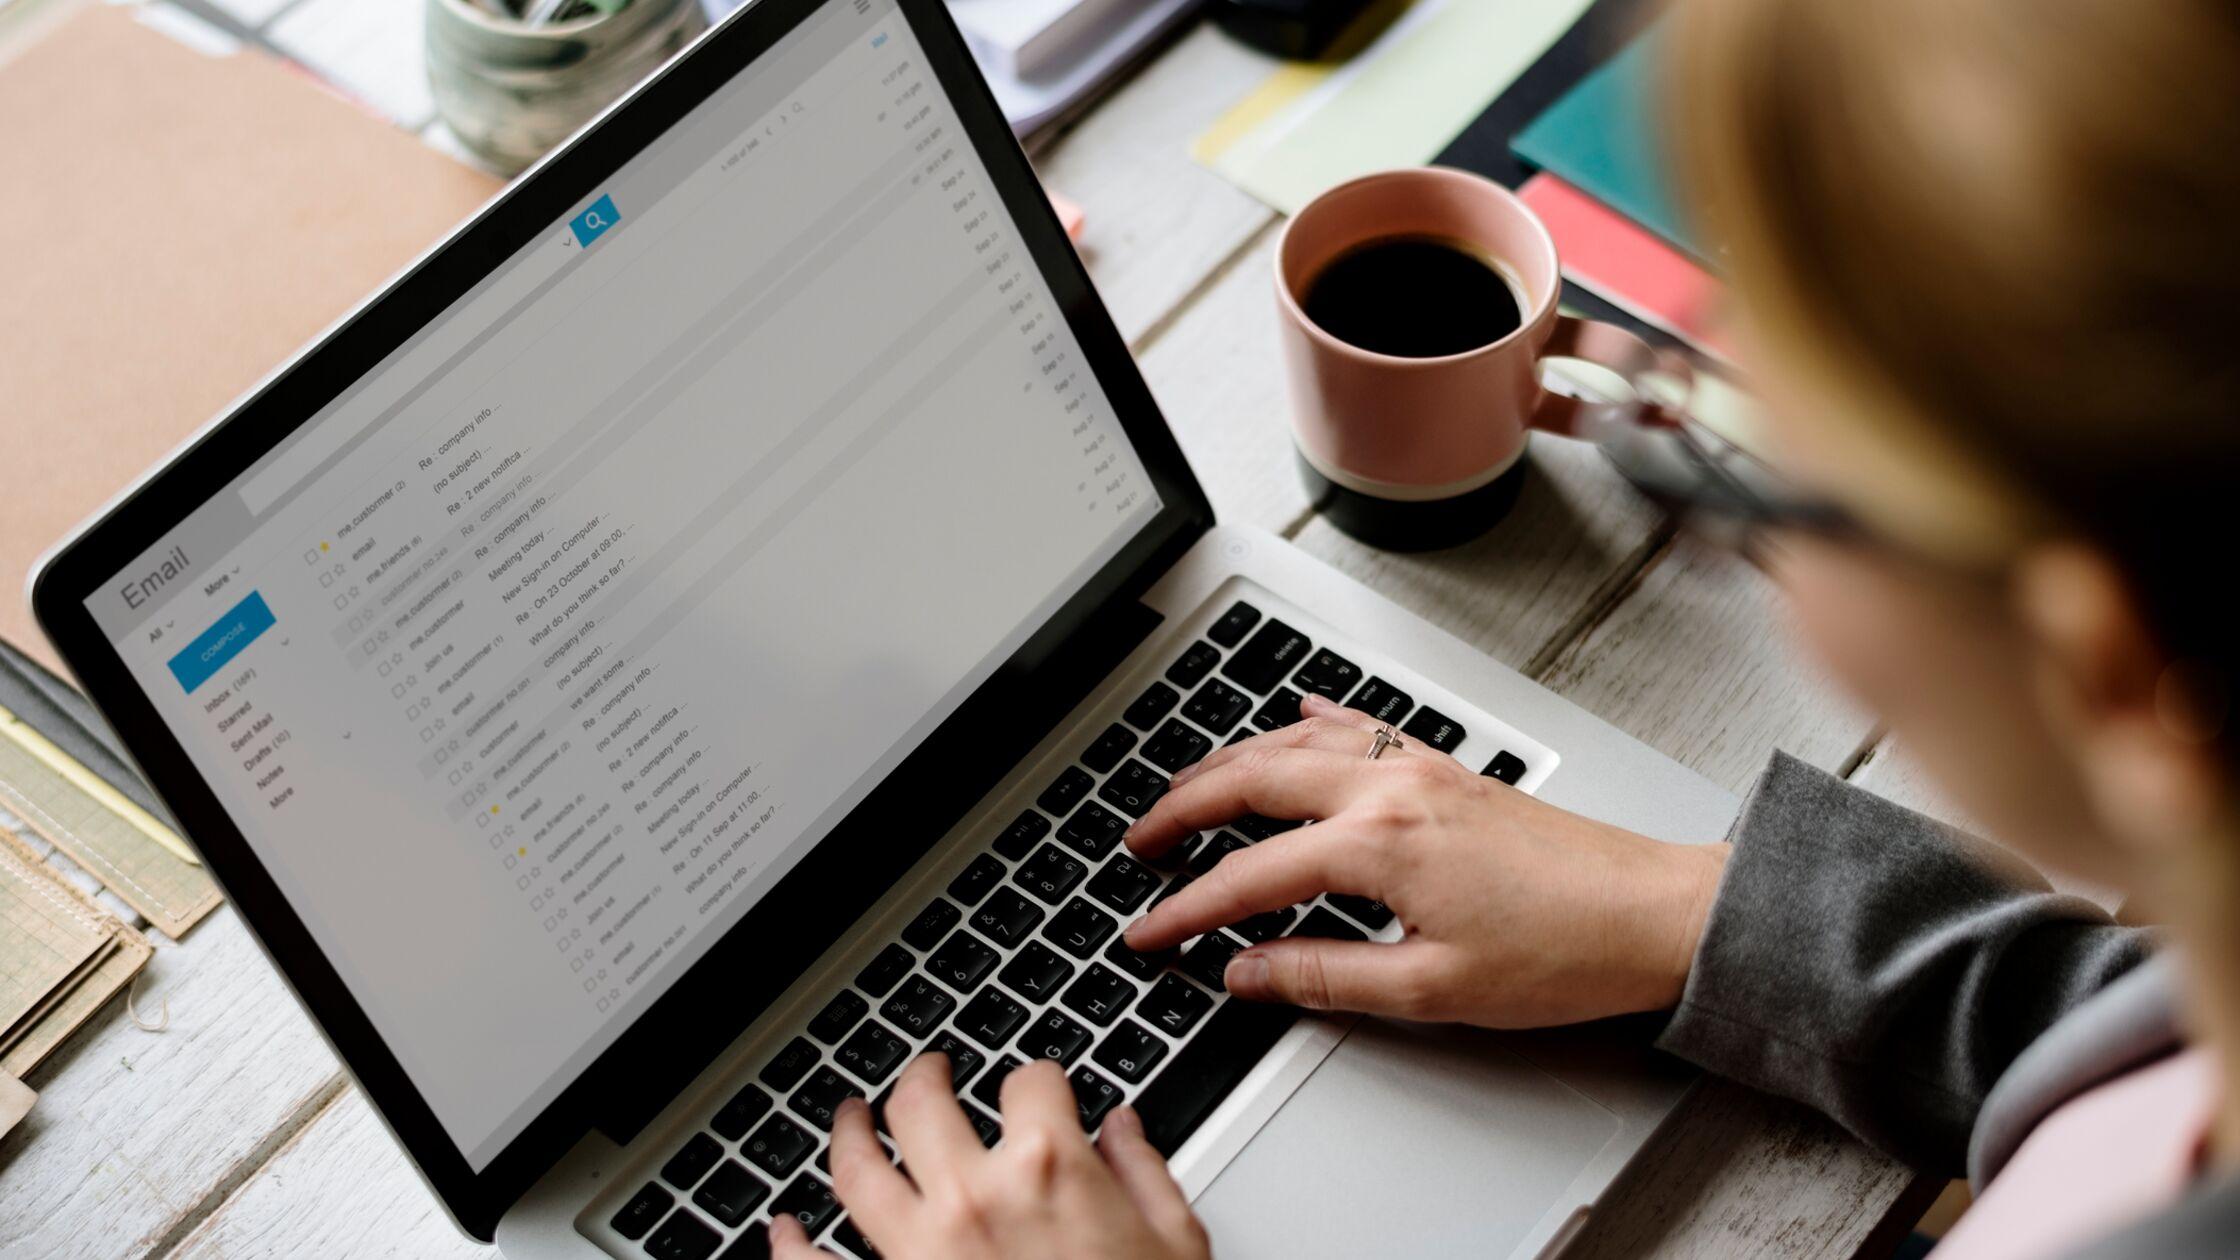 Mann schreibt auf dem Laptop eine Email an das Finanzamt, um seine Adresse zu ändern.